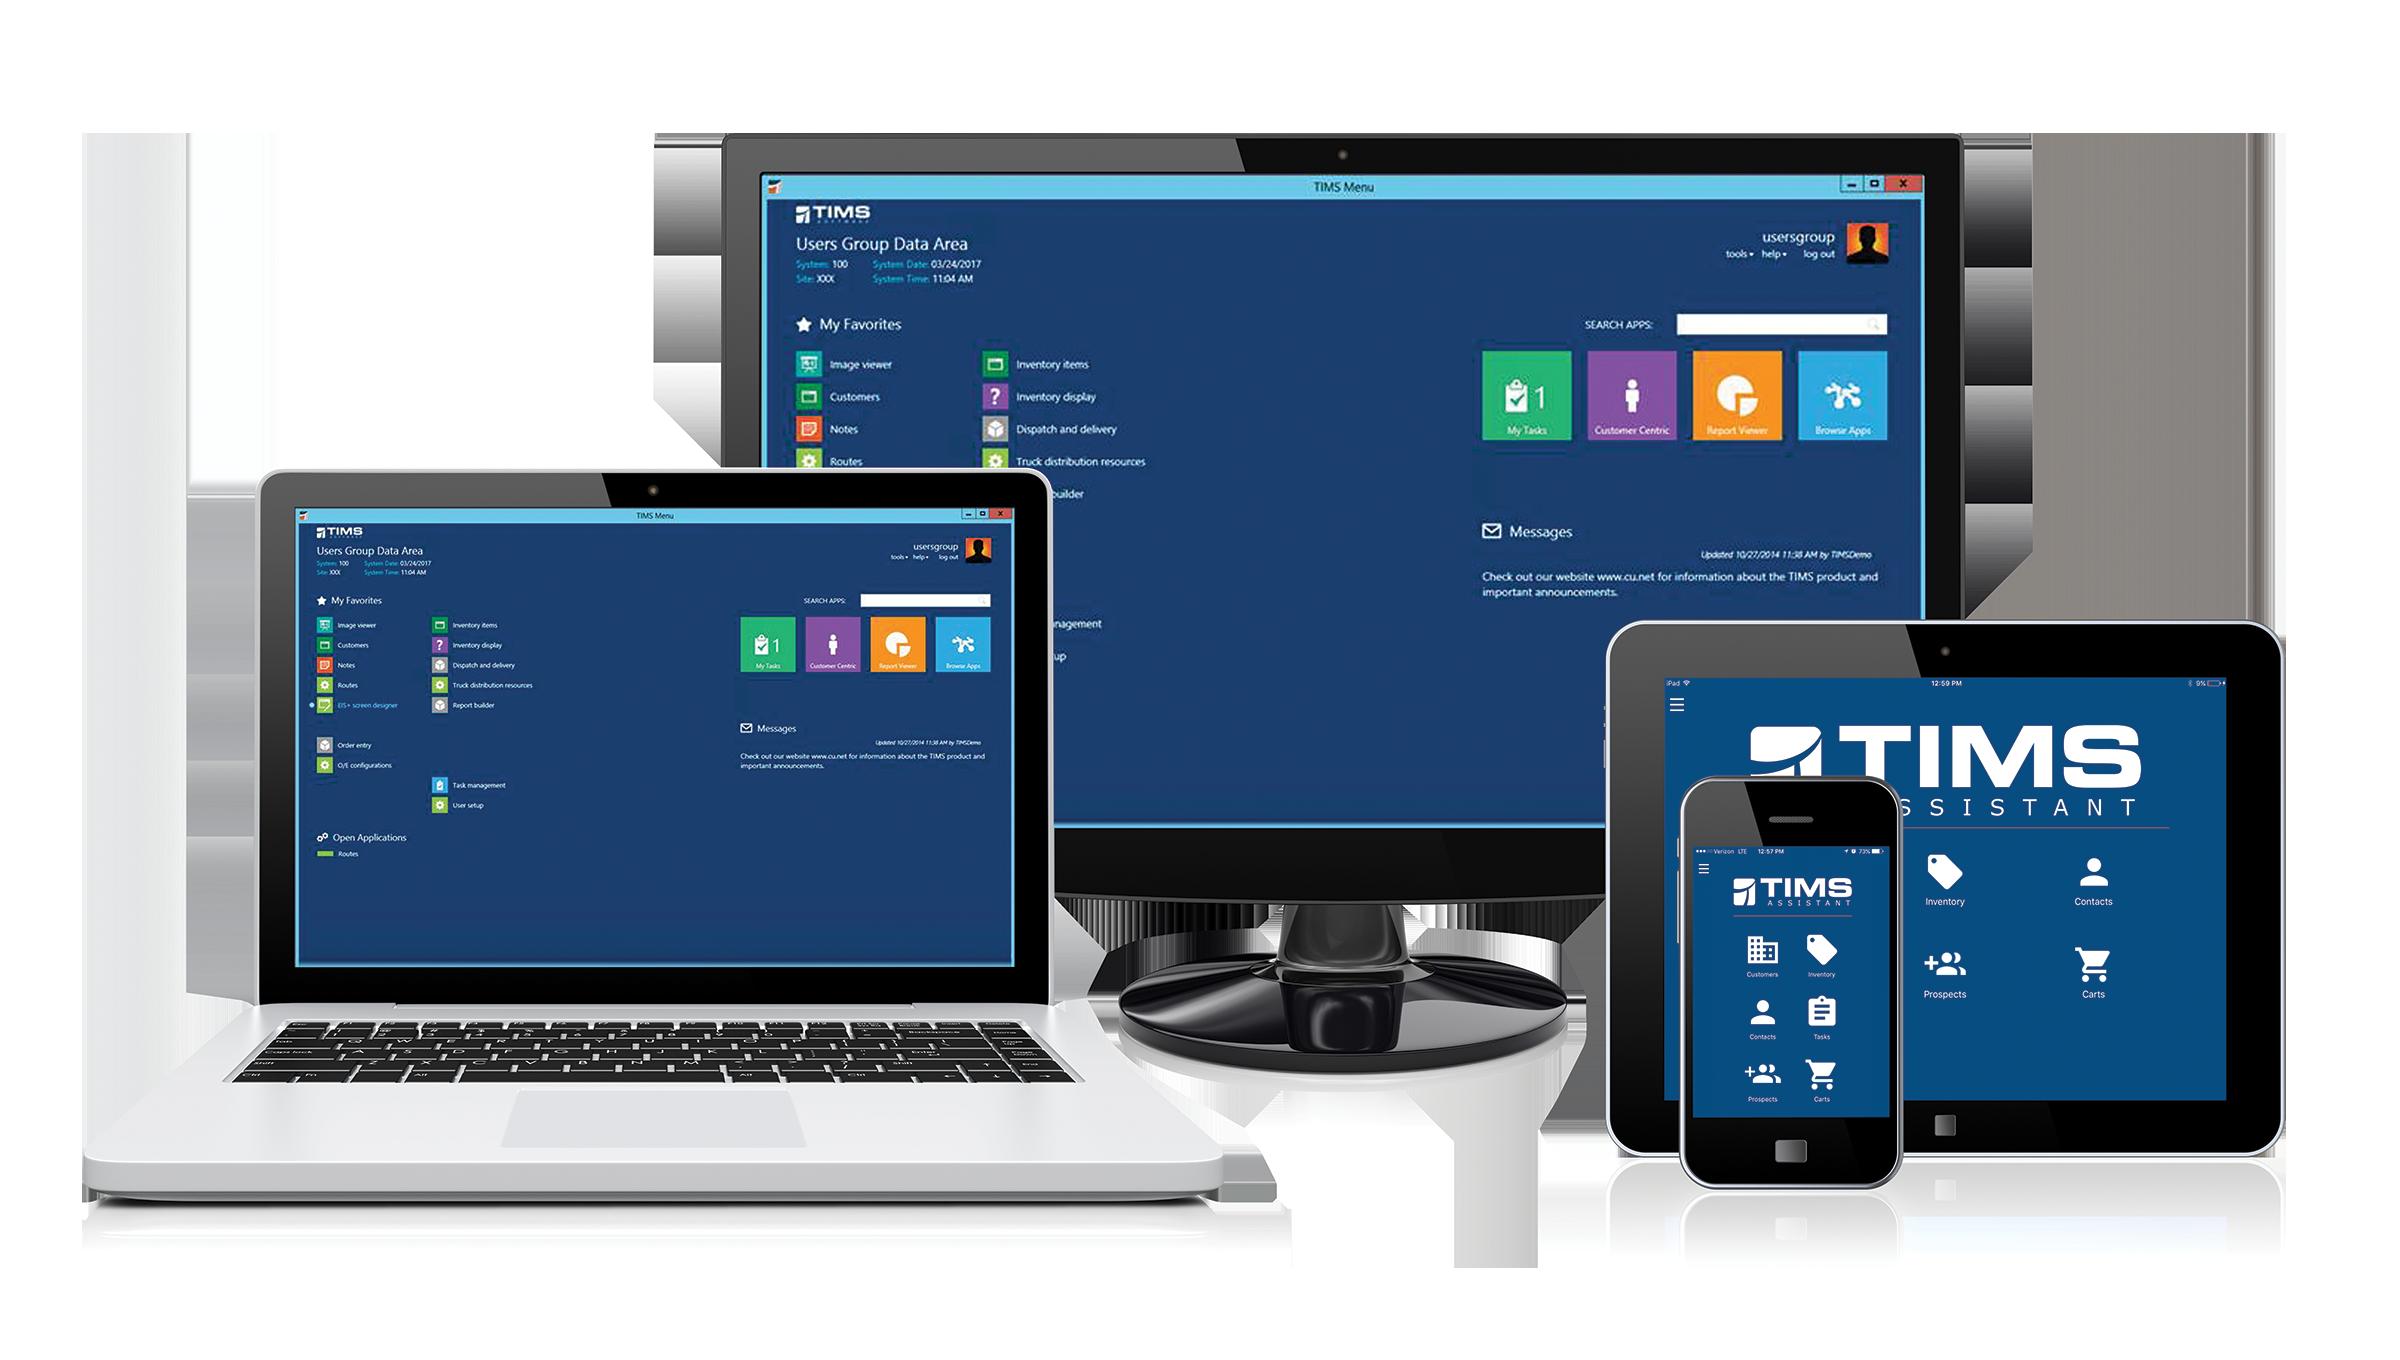 TIMS Software HME Providers Revenue Cycle Management Desktop Laptop Tablet Smart Device